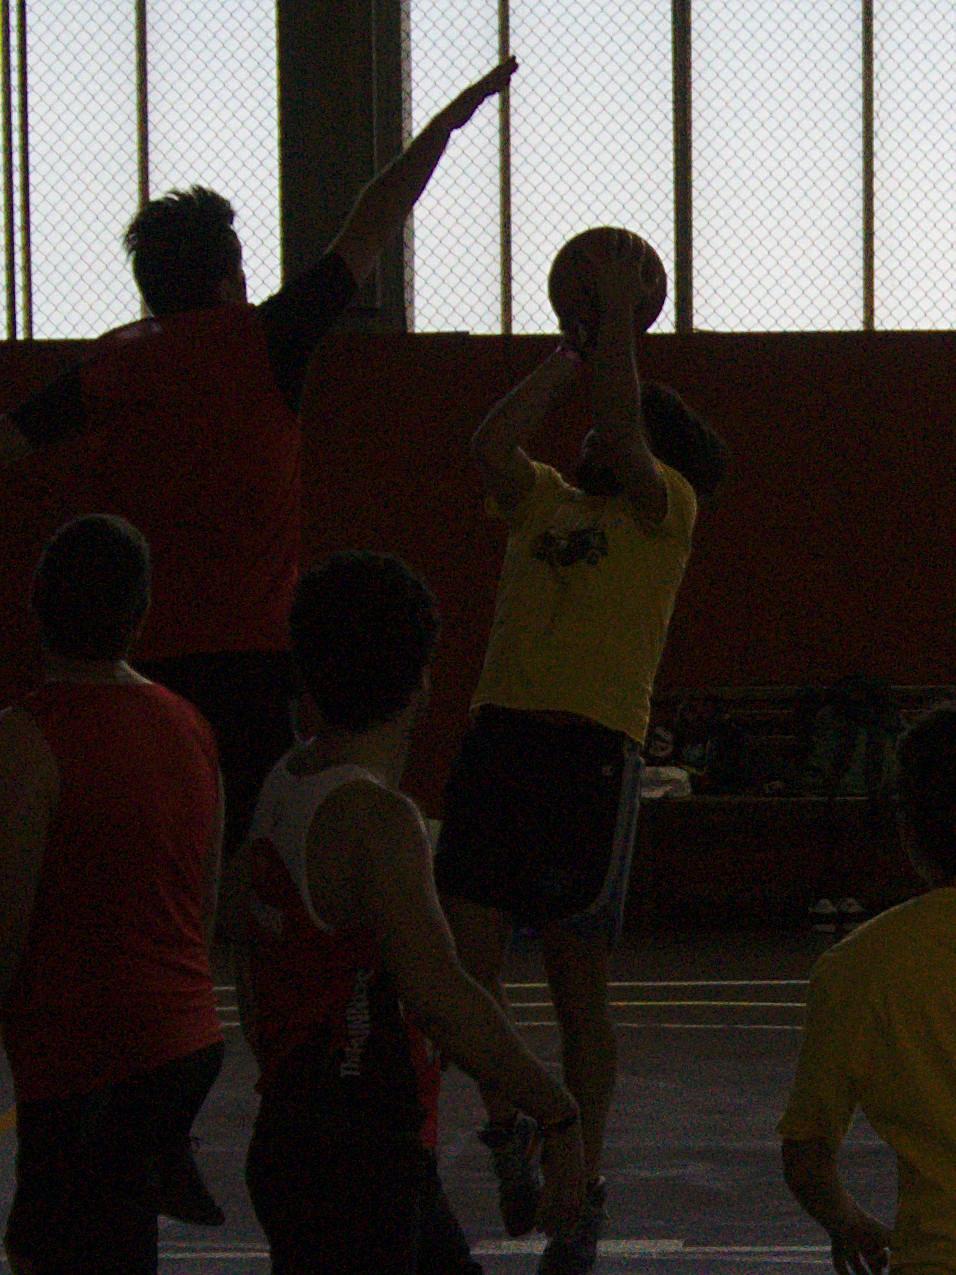 Pachanga De Basket ARF ¡ OTRO AÑO MAS ROCKET CAMPEÓN! - Página 12 Dsc02011